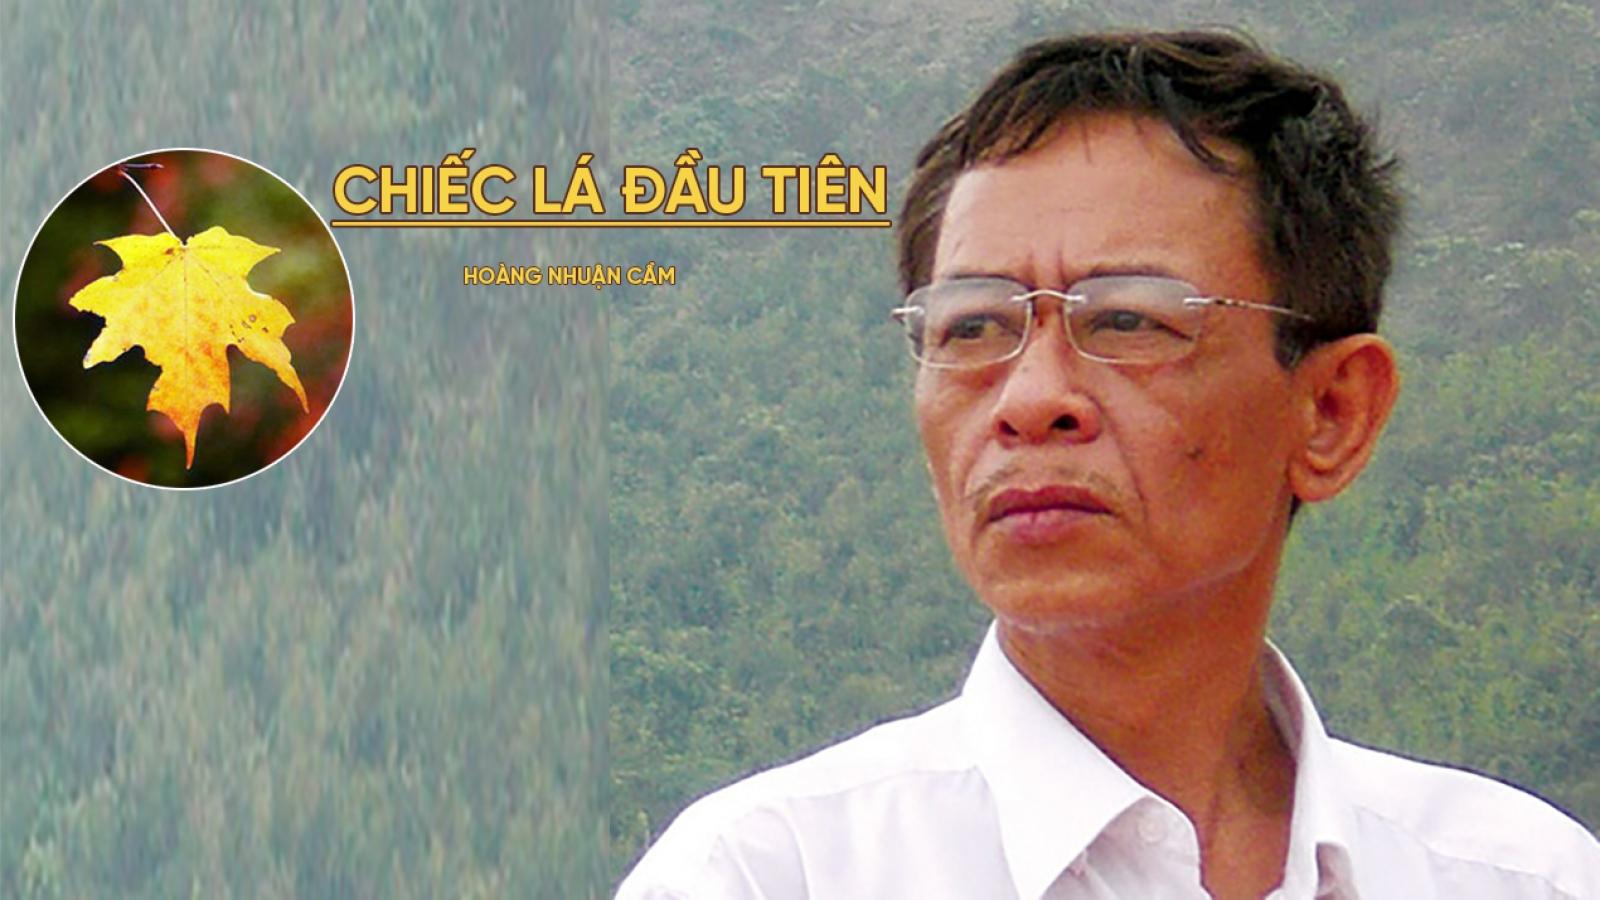 """Có hai văn bản bài thơ """"Chiếc lá đầu tiên"""" của nhà thơ Hoàng Nhuận Cầm"""